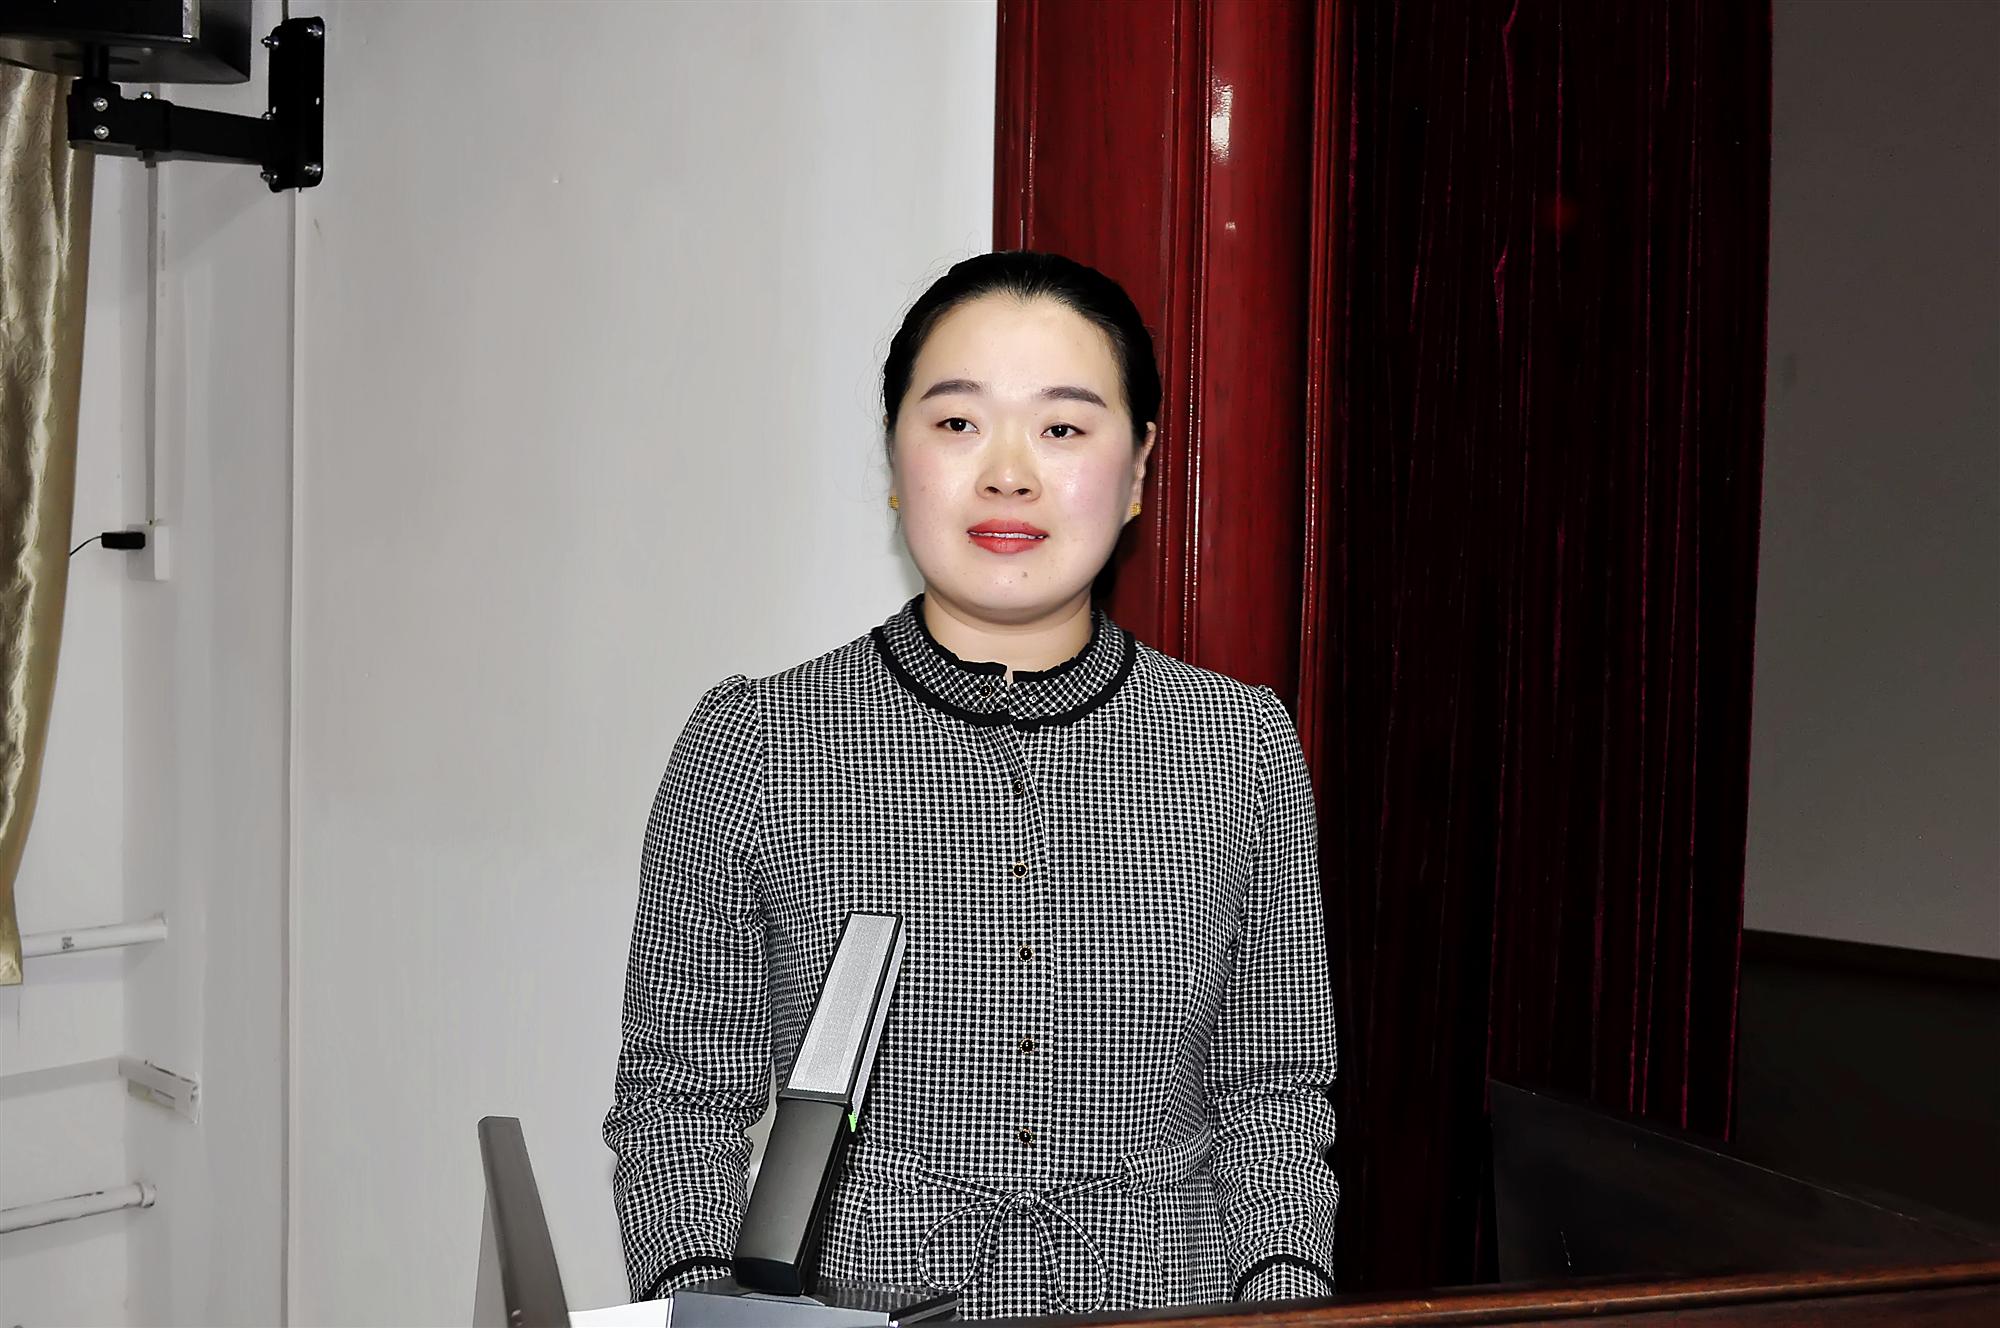 2019.11.26主题党日挑选-_DSC3154